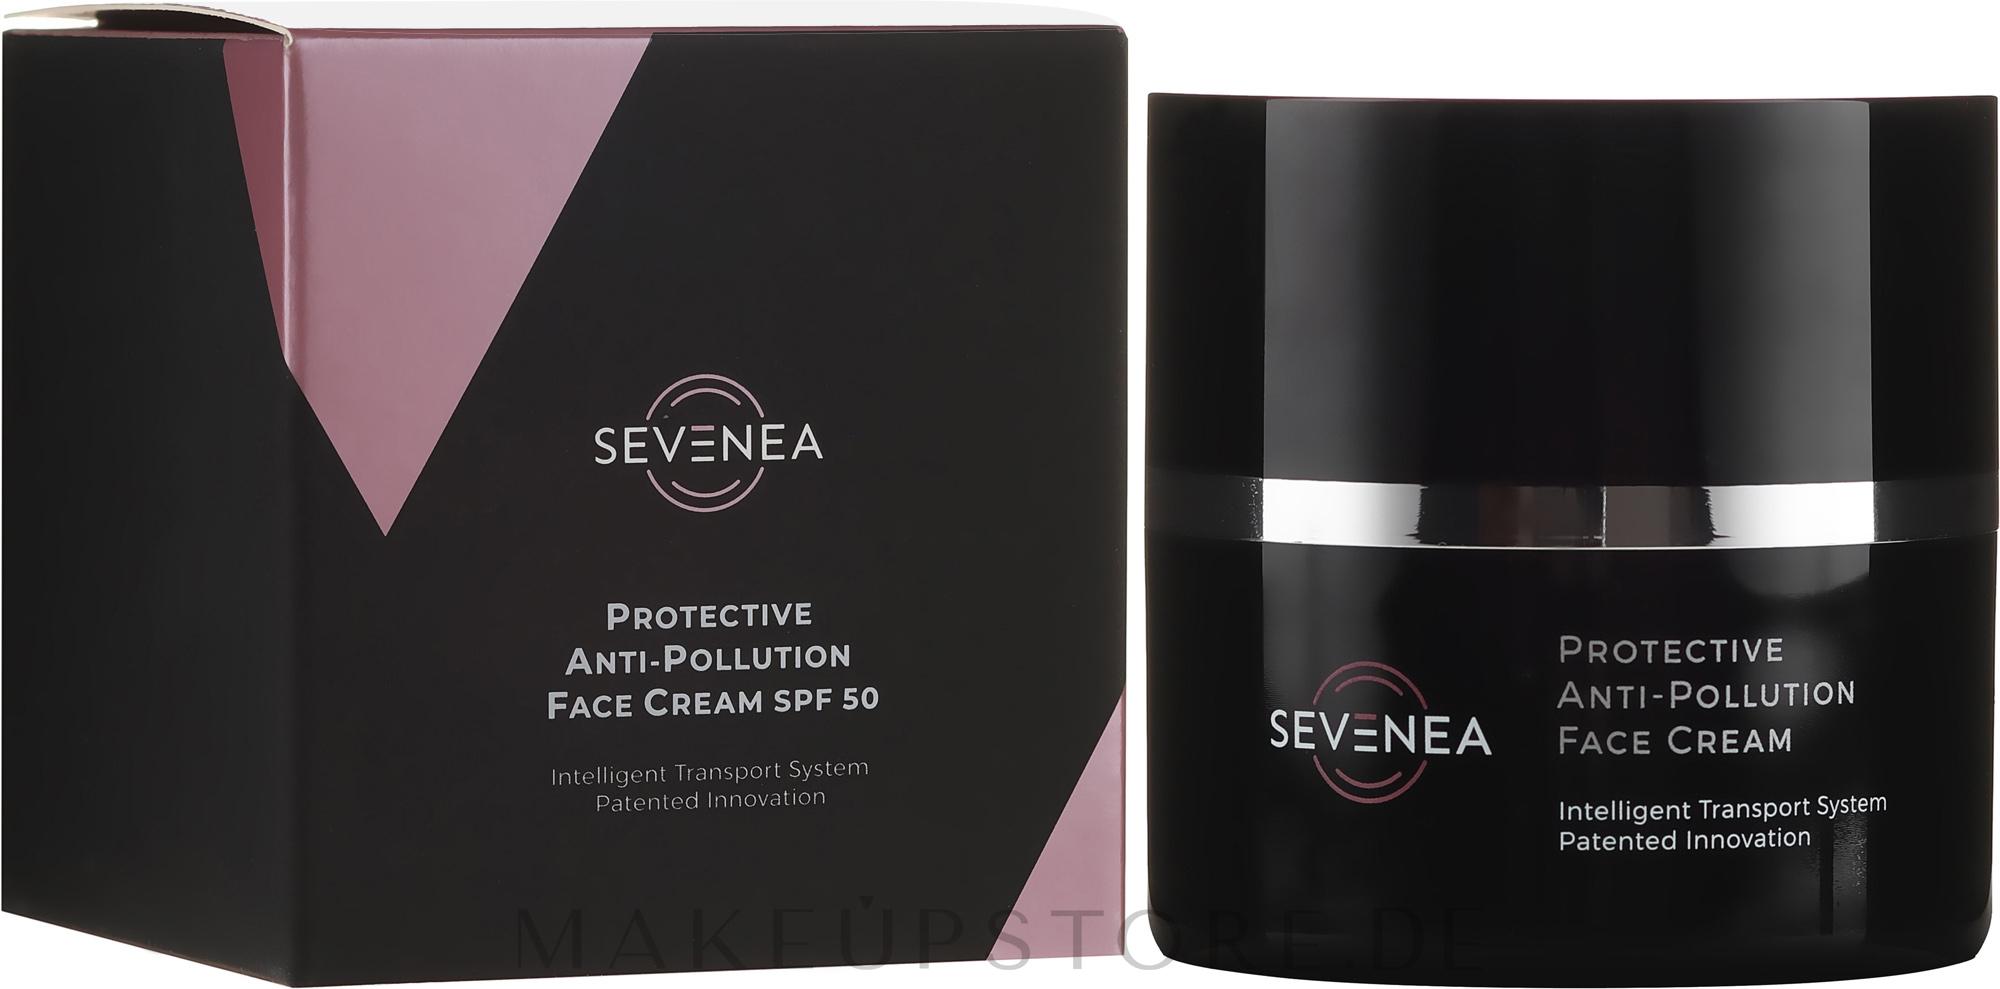 Schützende Anti-Falten Gesichtscreme mit Vitaminen SPF 50 - Sevenea Protective Anti-Pollution Face Cream SPF50 — Bild 50 ml